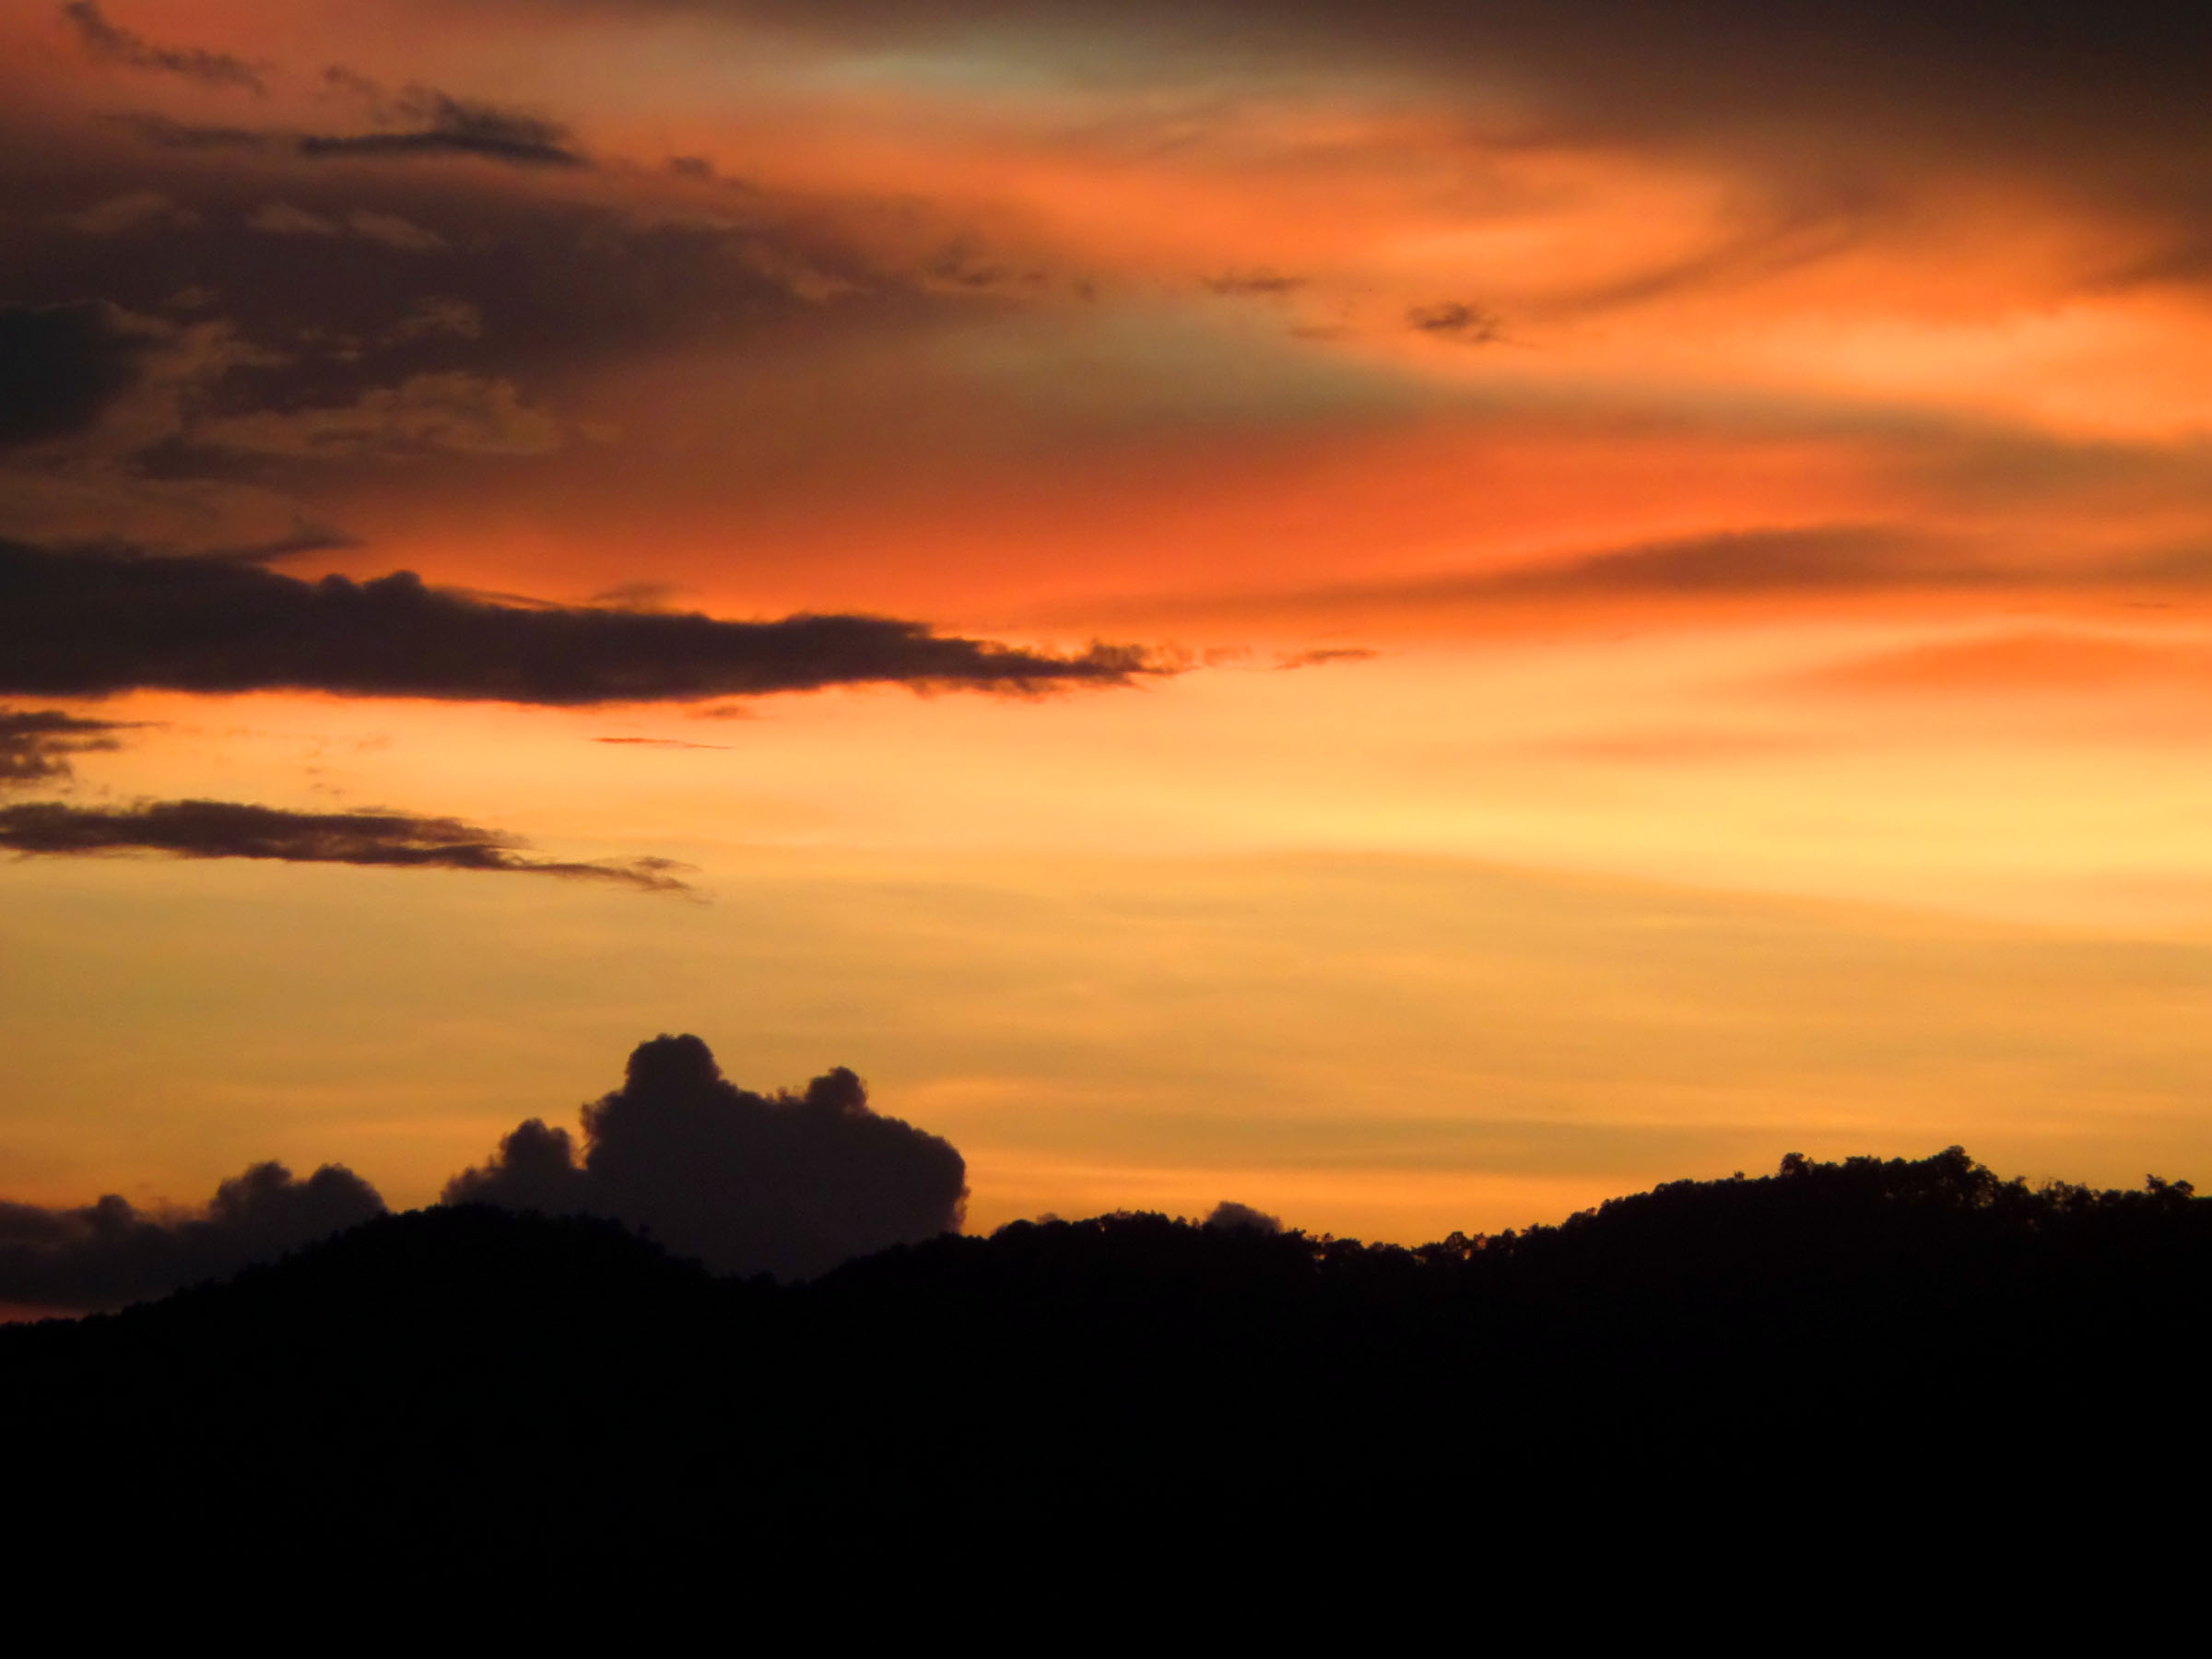 Sunset Sky, Dusk, Evening, Hue, Orange, HQ Photo